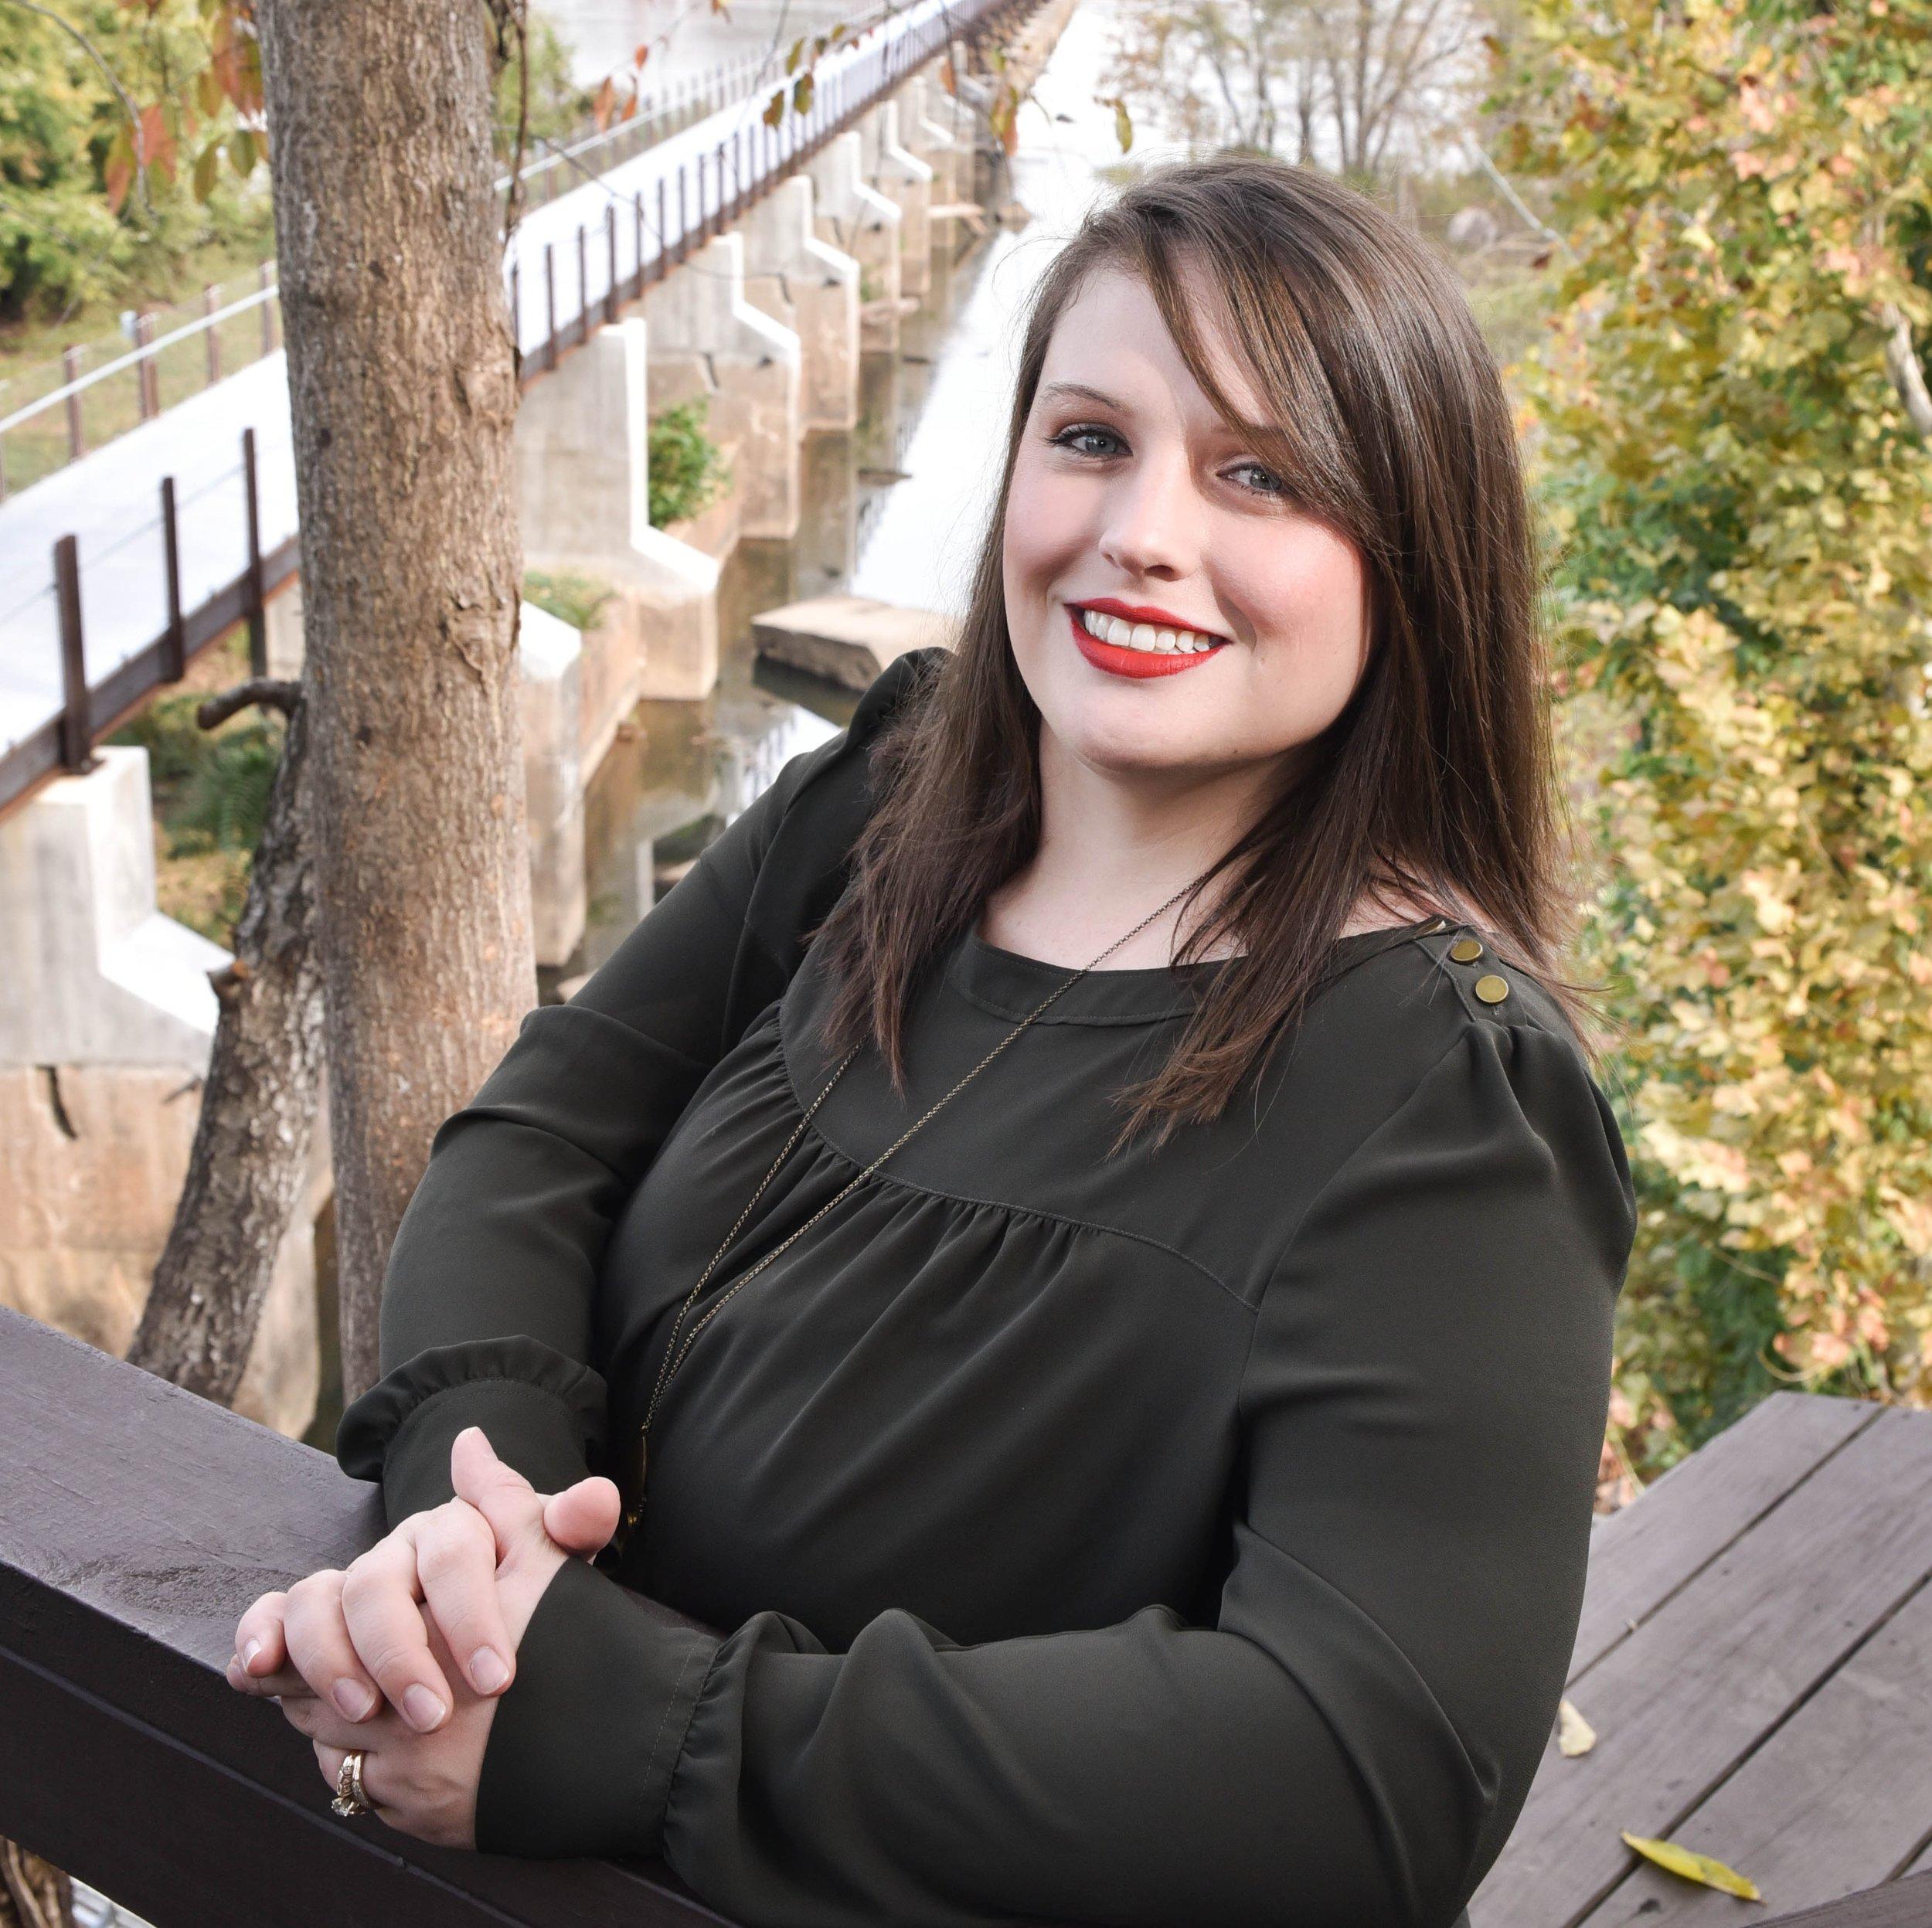 Elise Benoit - Birth/Postpartum Doulawebsite • doulamatch • fb